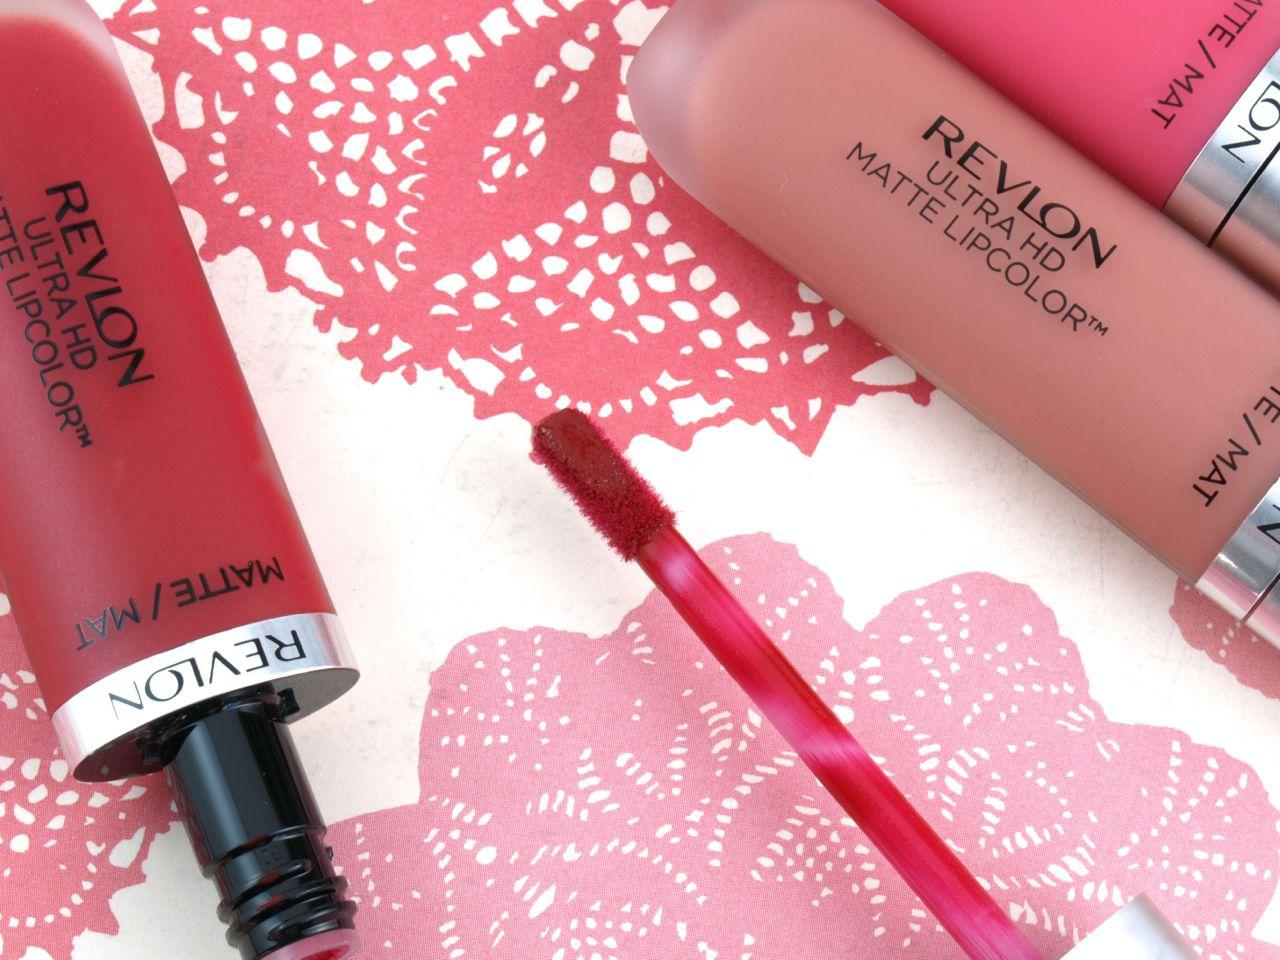 Revlon Ultra Hd Matte Lipcolor Seduction